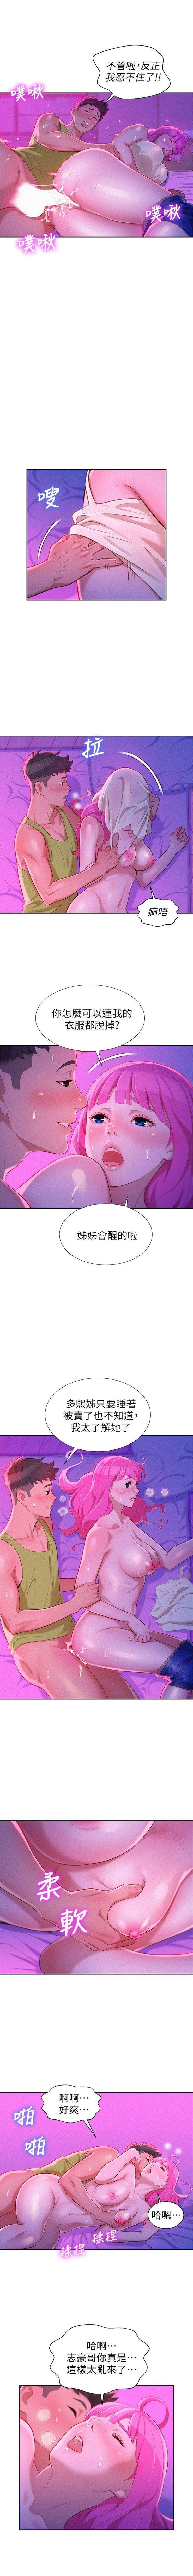 (周7)漂亮干姐姐  1-79 中文翻译 (更新中) 83